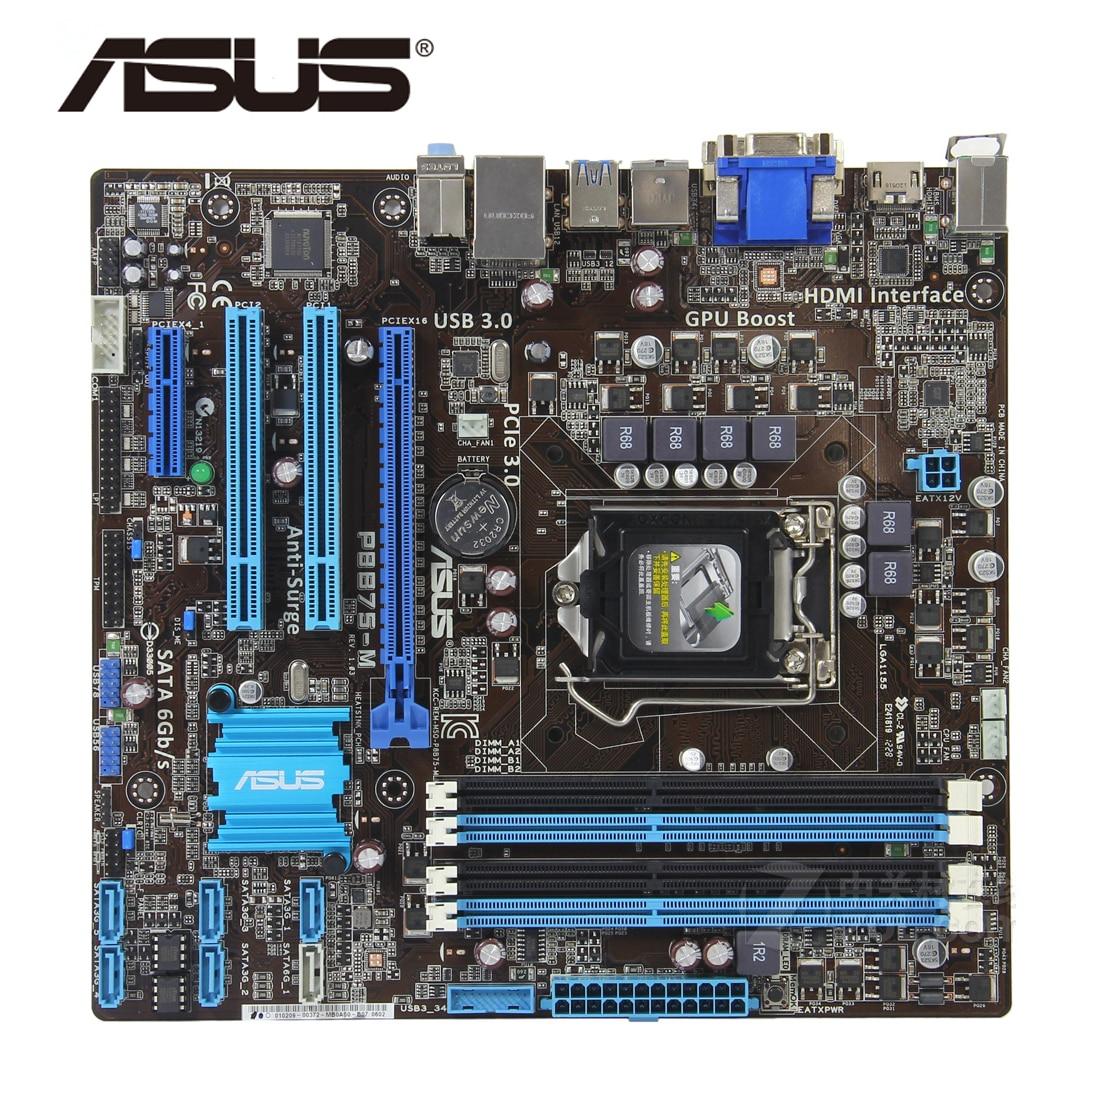 LGA 1155 B75 100% Original ASUS P8B75-M P8B75M/CSM Motherboard Socket SATA III 4 X DDR3 32GB USB3.0 P8B75-M/CSM Mainboard Used